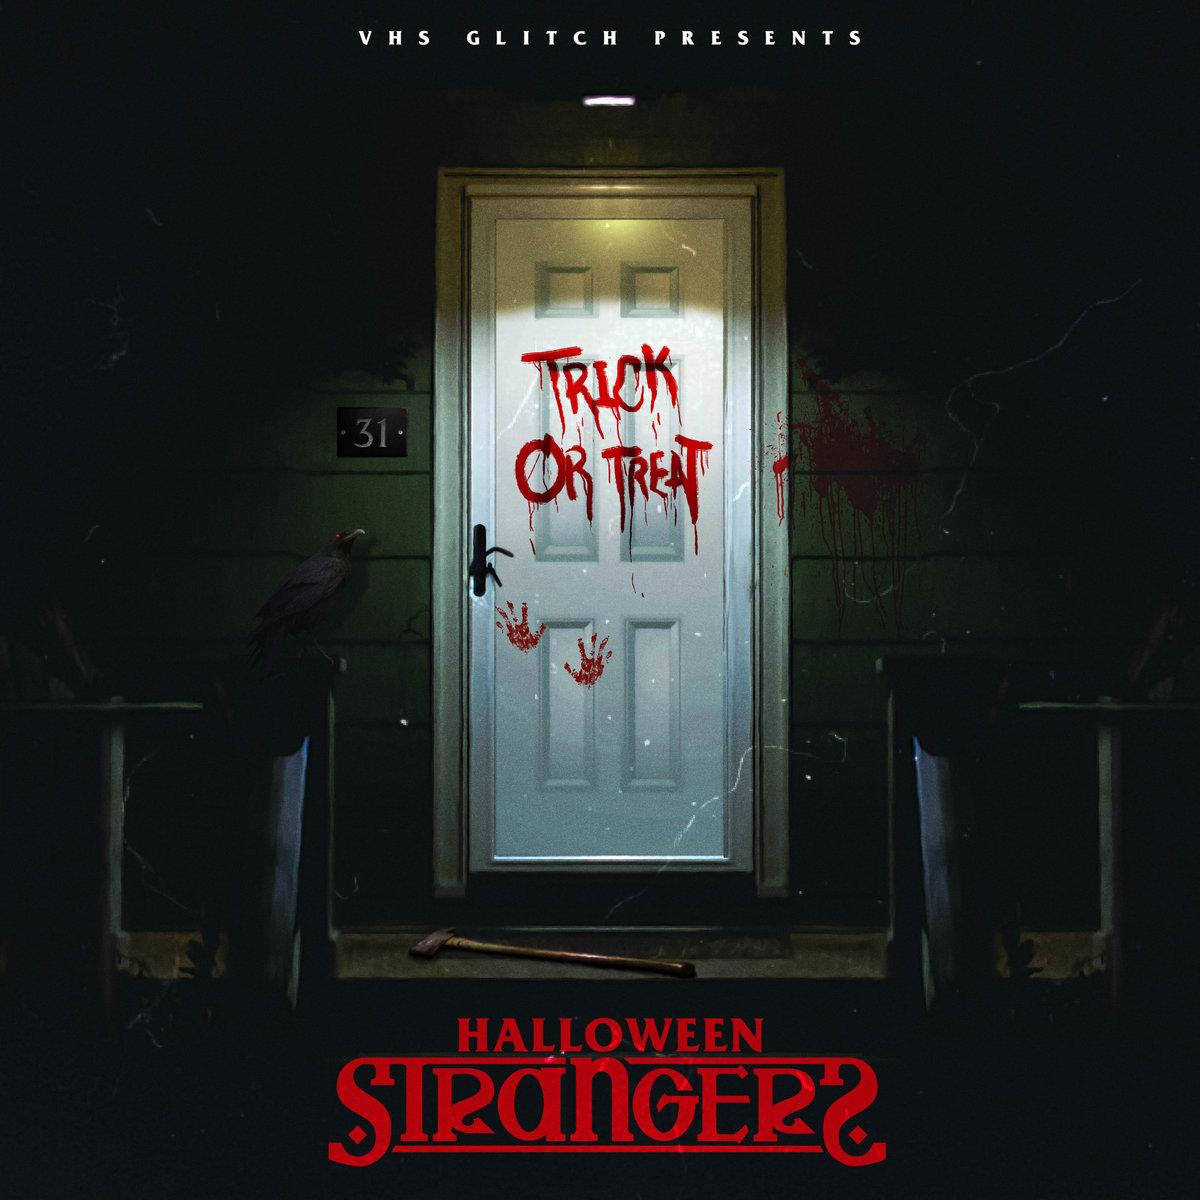 halloween strangers | vhs glitch